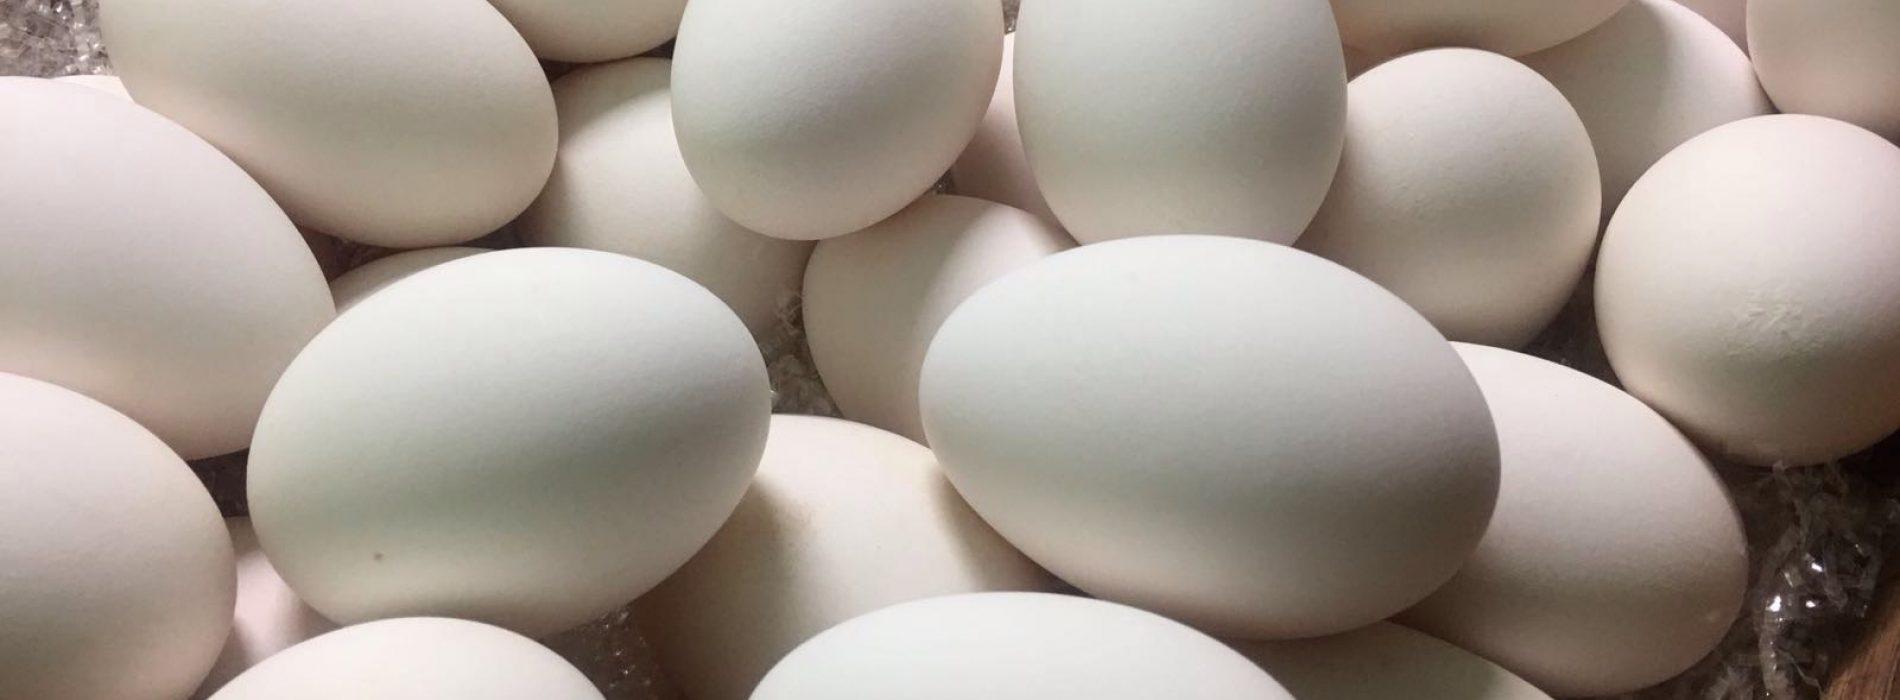 Eggs a Roma, storia di un'idea